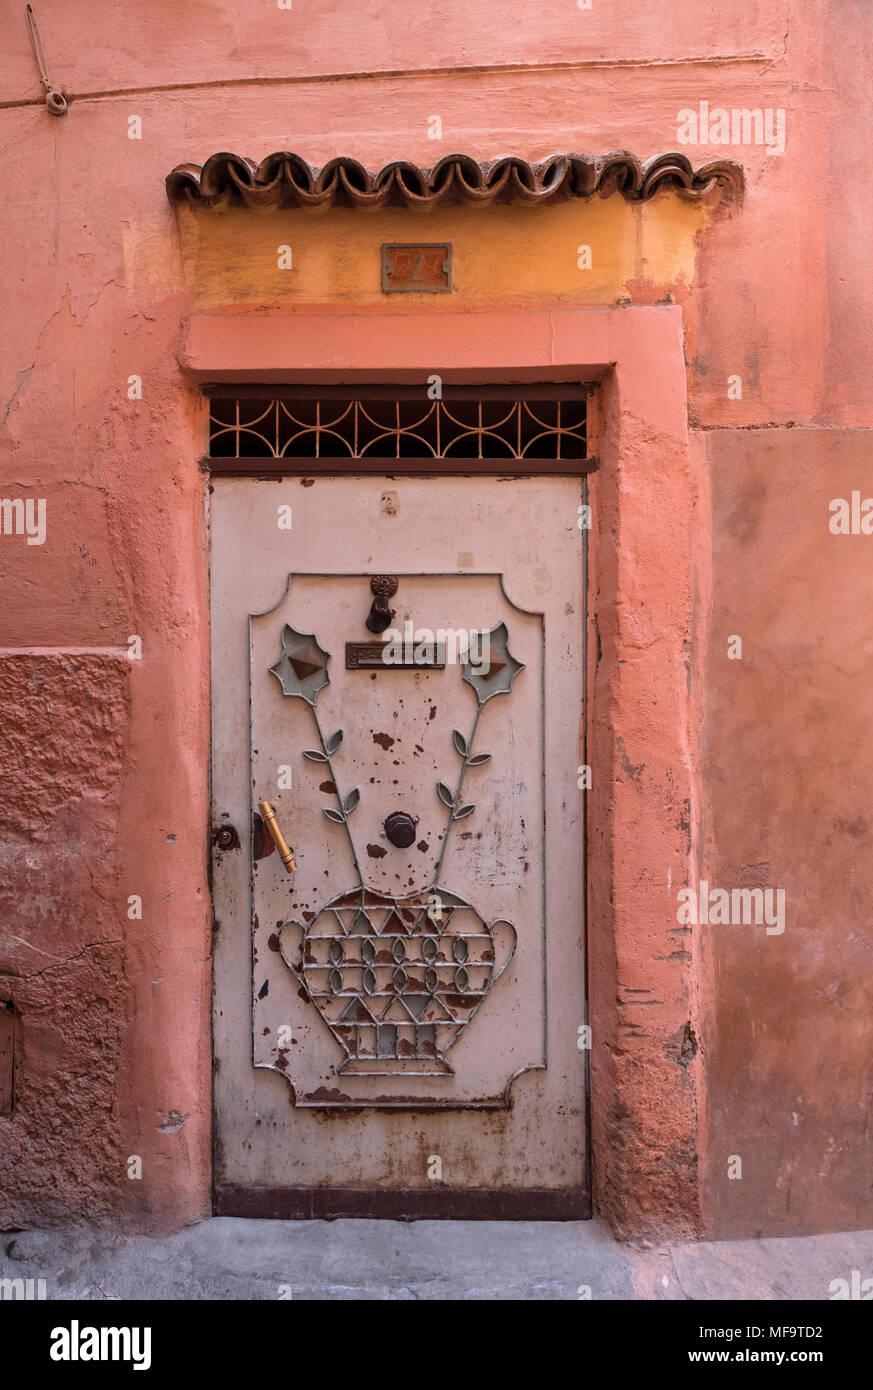 Maison typique de porte d'entrée dans les petites rues de Marrakech, Marrakech, Maroc Photo Stock